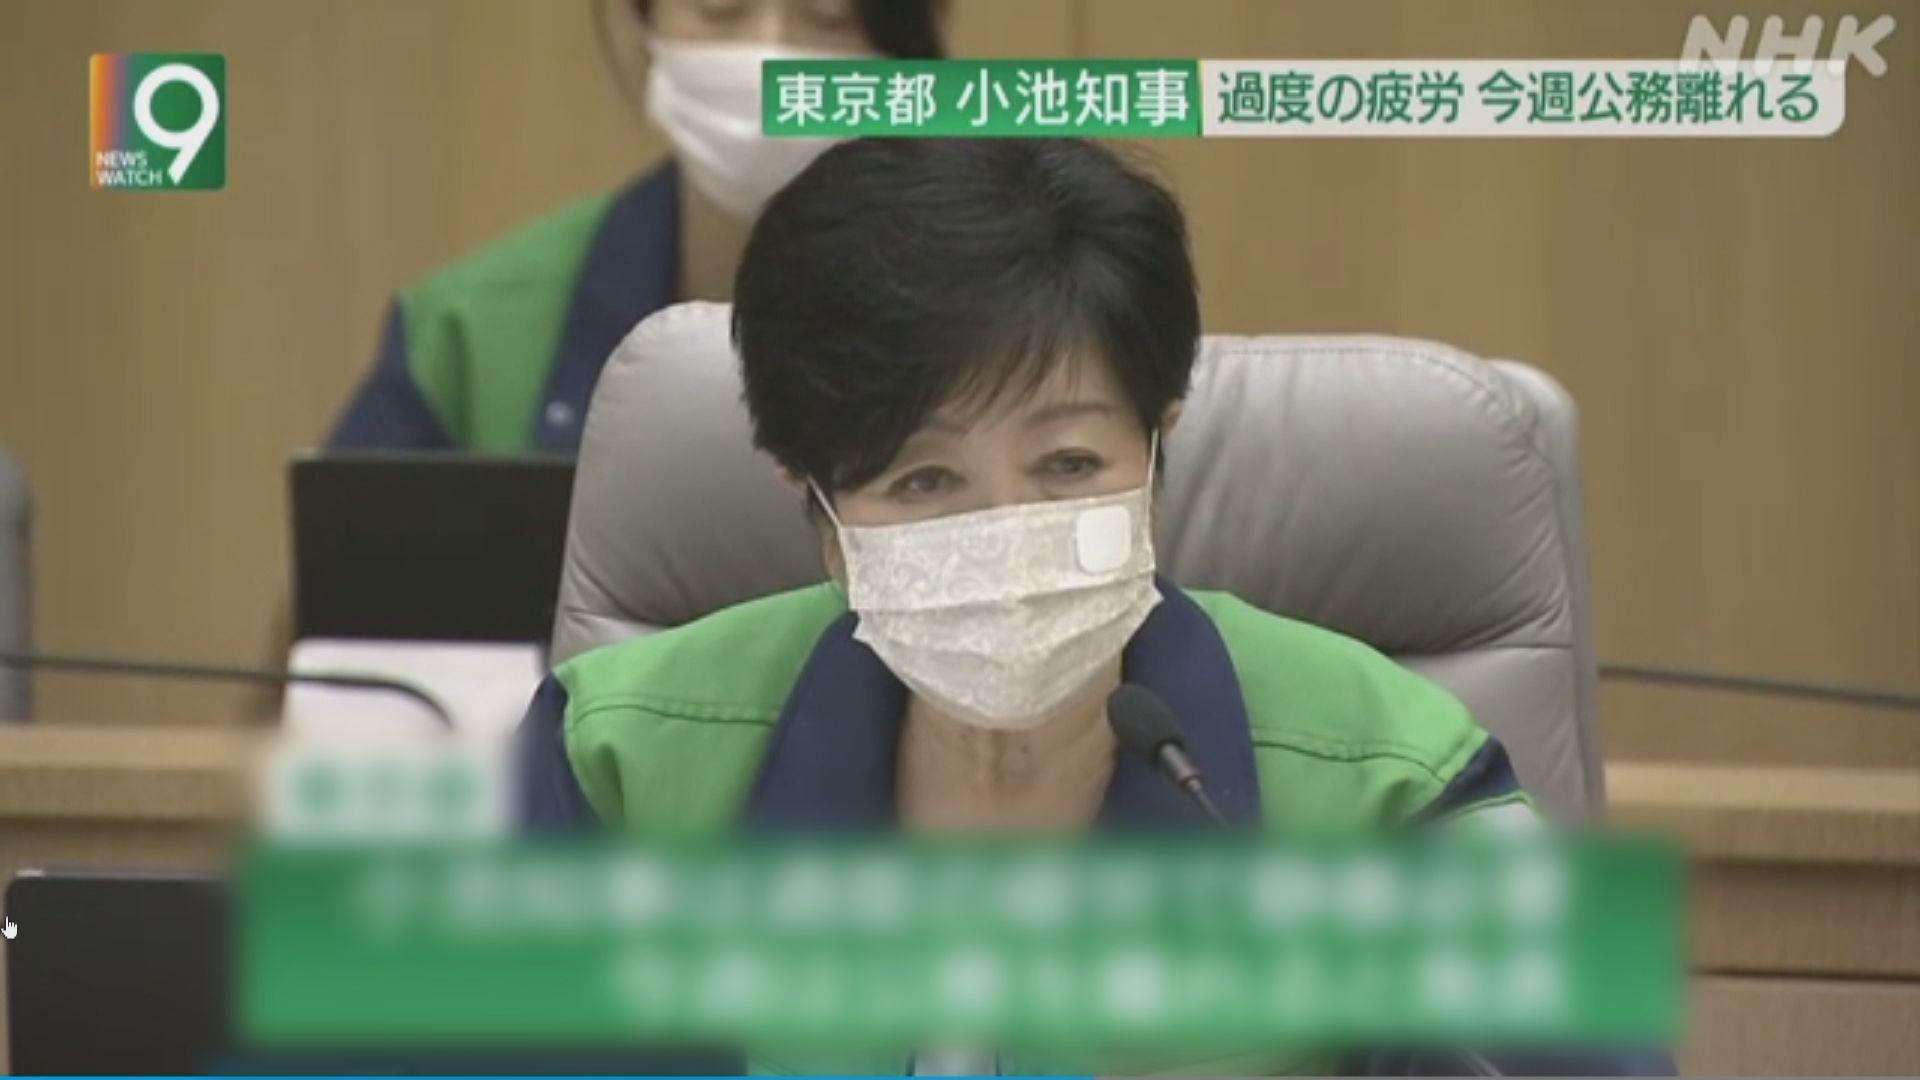 東京都知事小池百合子身體不適入院靜養